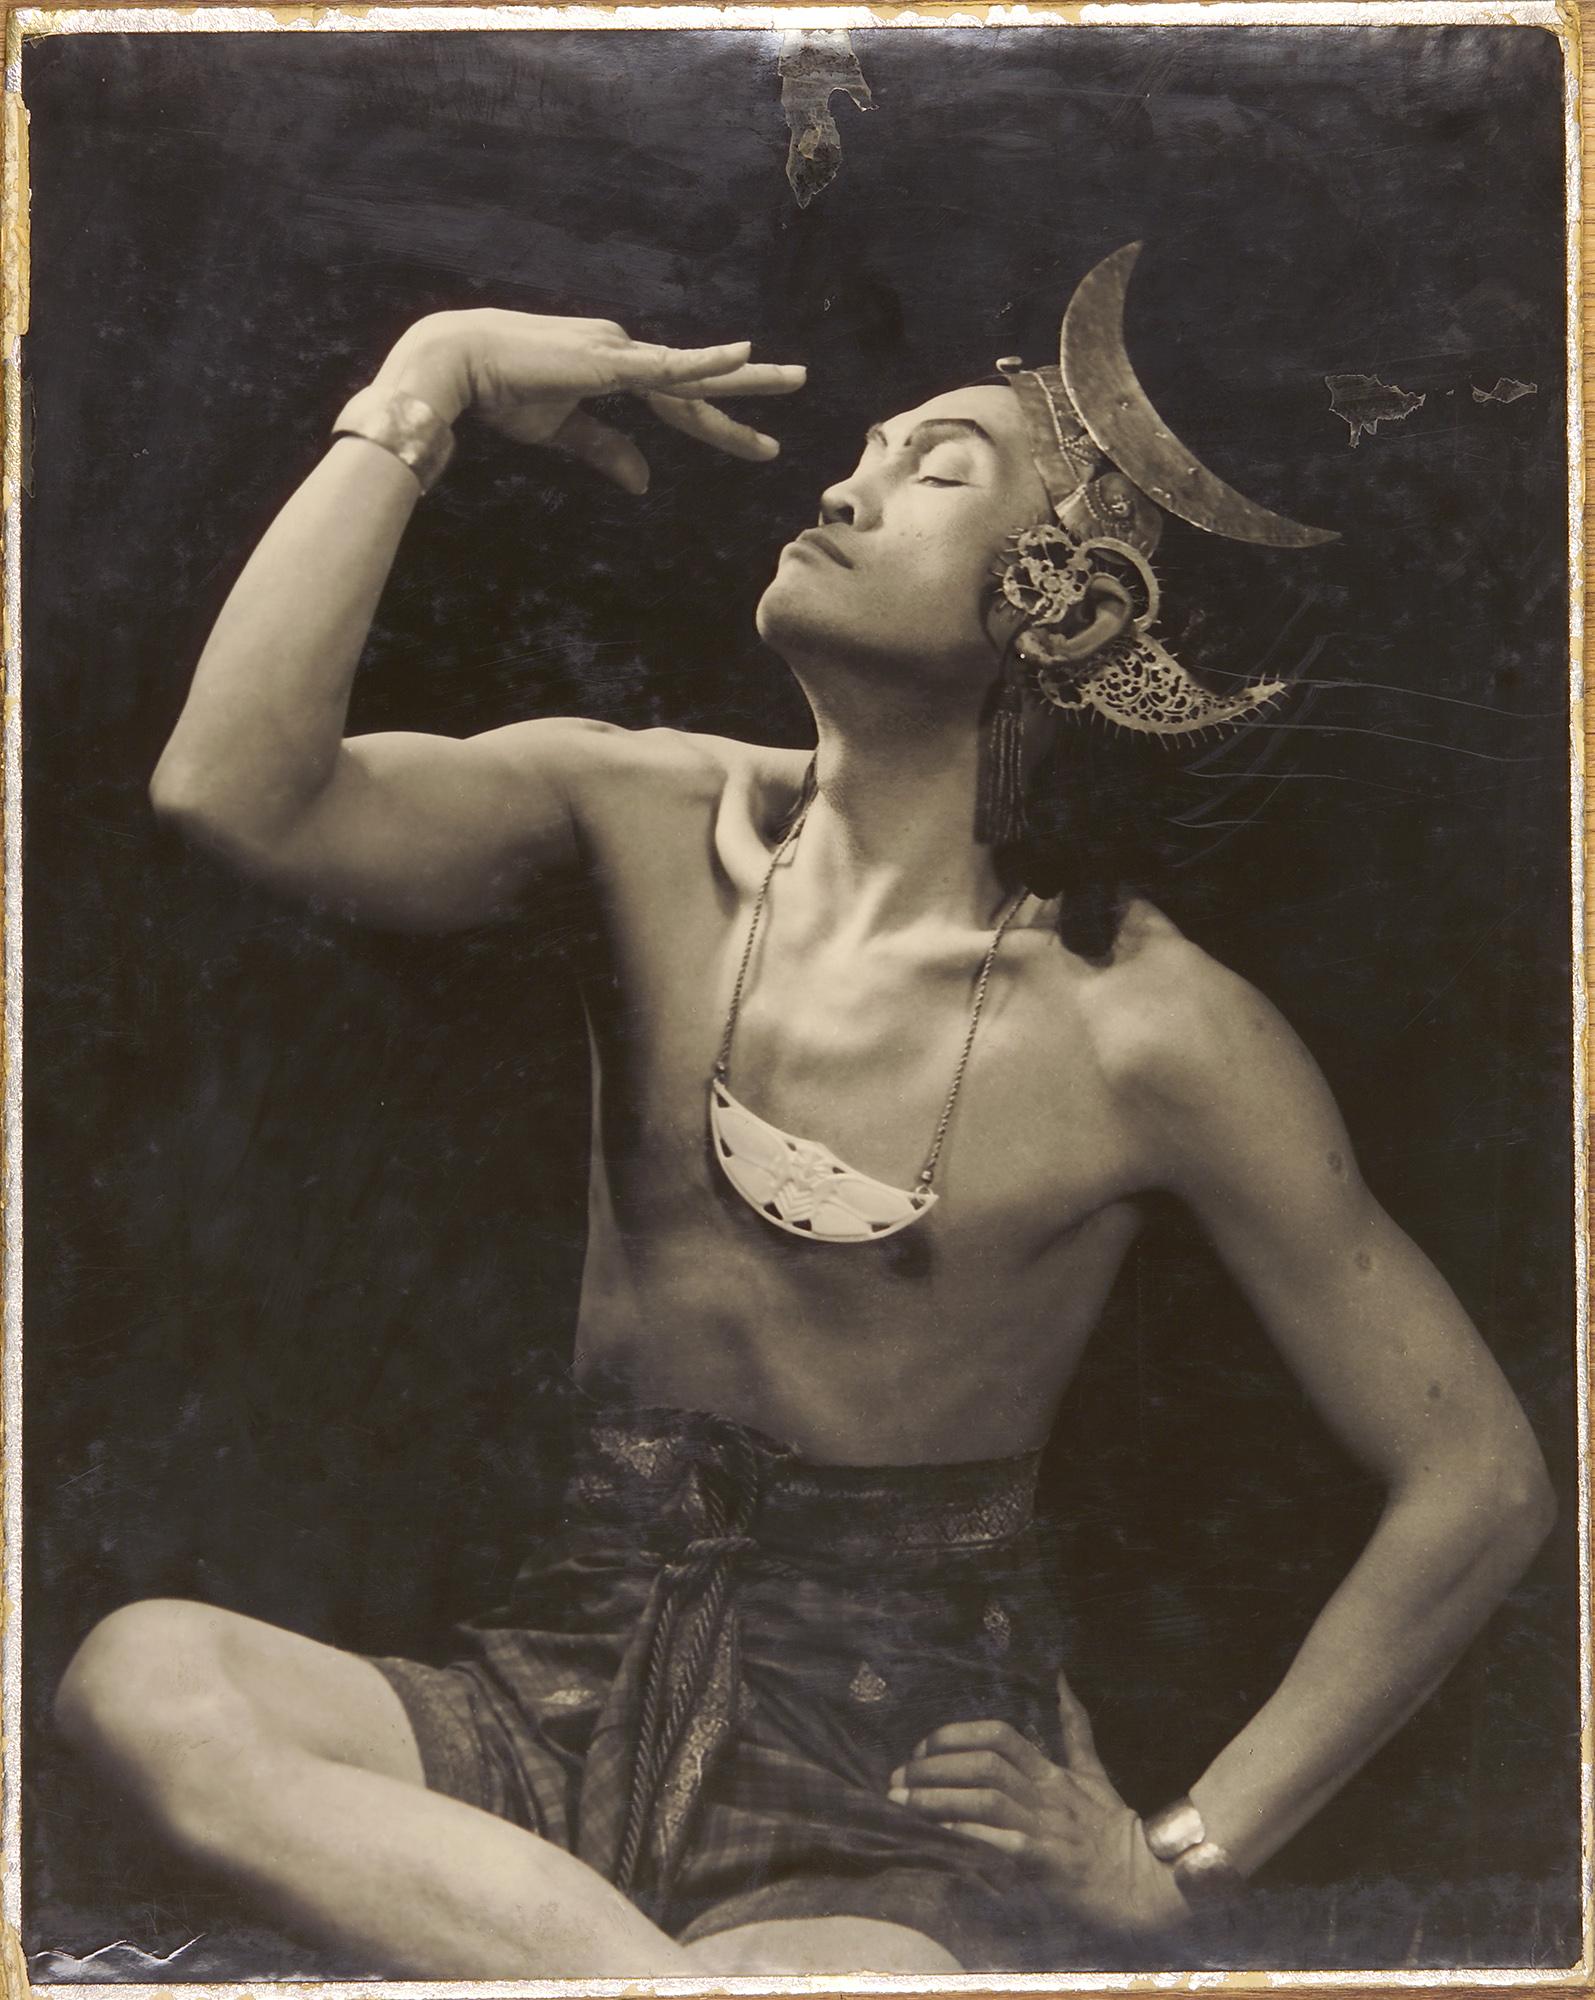 Fotó: Reismann Marian: Jávai táncos, 1937 © Magyar Fotográfiai Múzeum